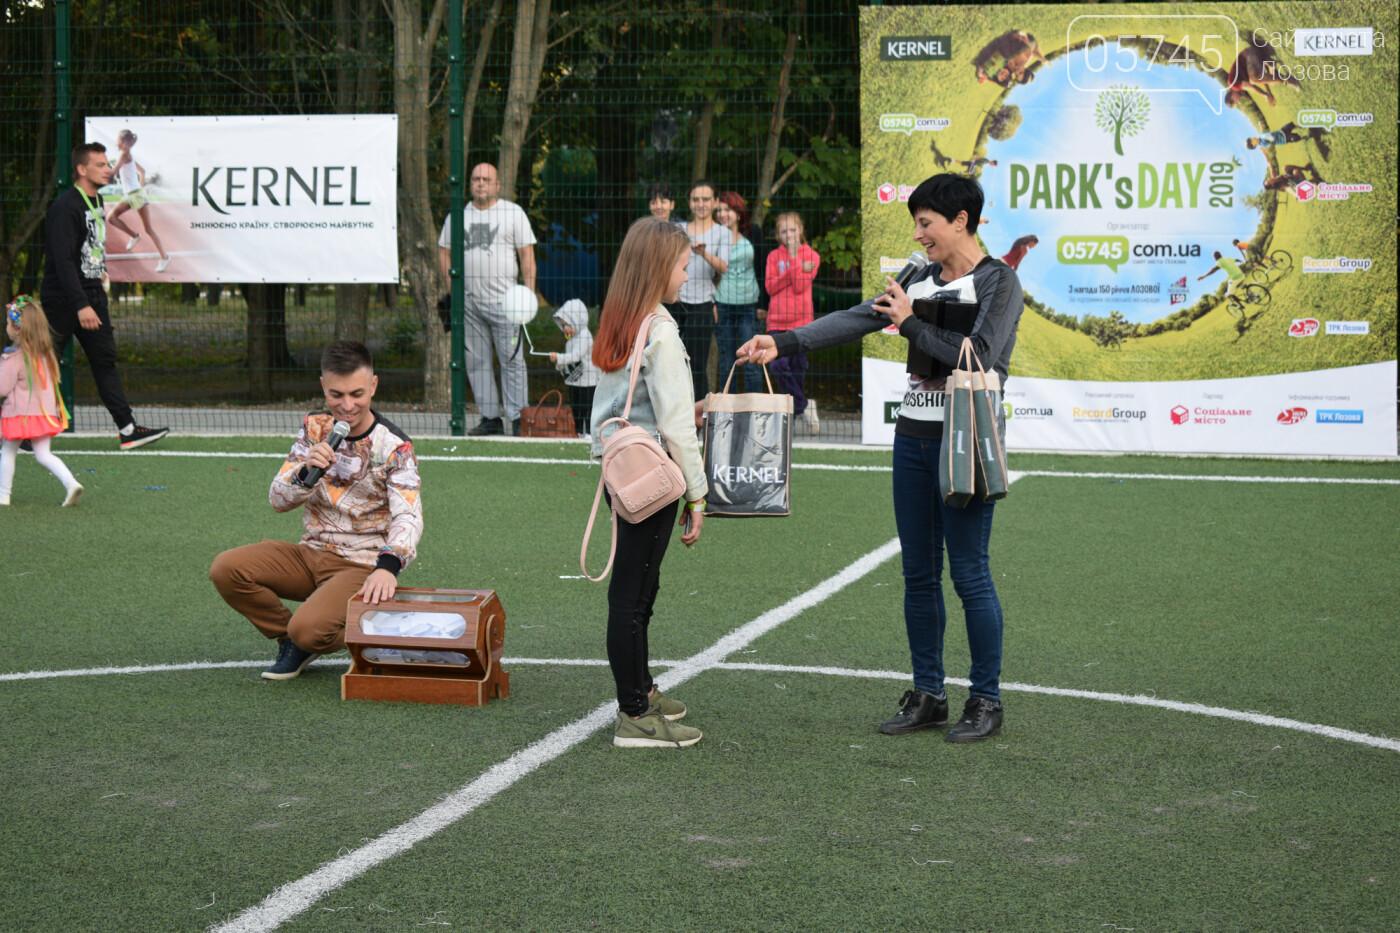 """Море драйва и зрелищ! В Лозовой состоялся первый спортивно-развлекательный фестиваль """"Park's Day"""", фото-91"""